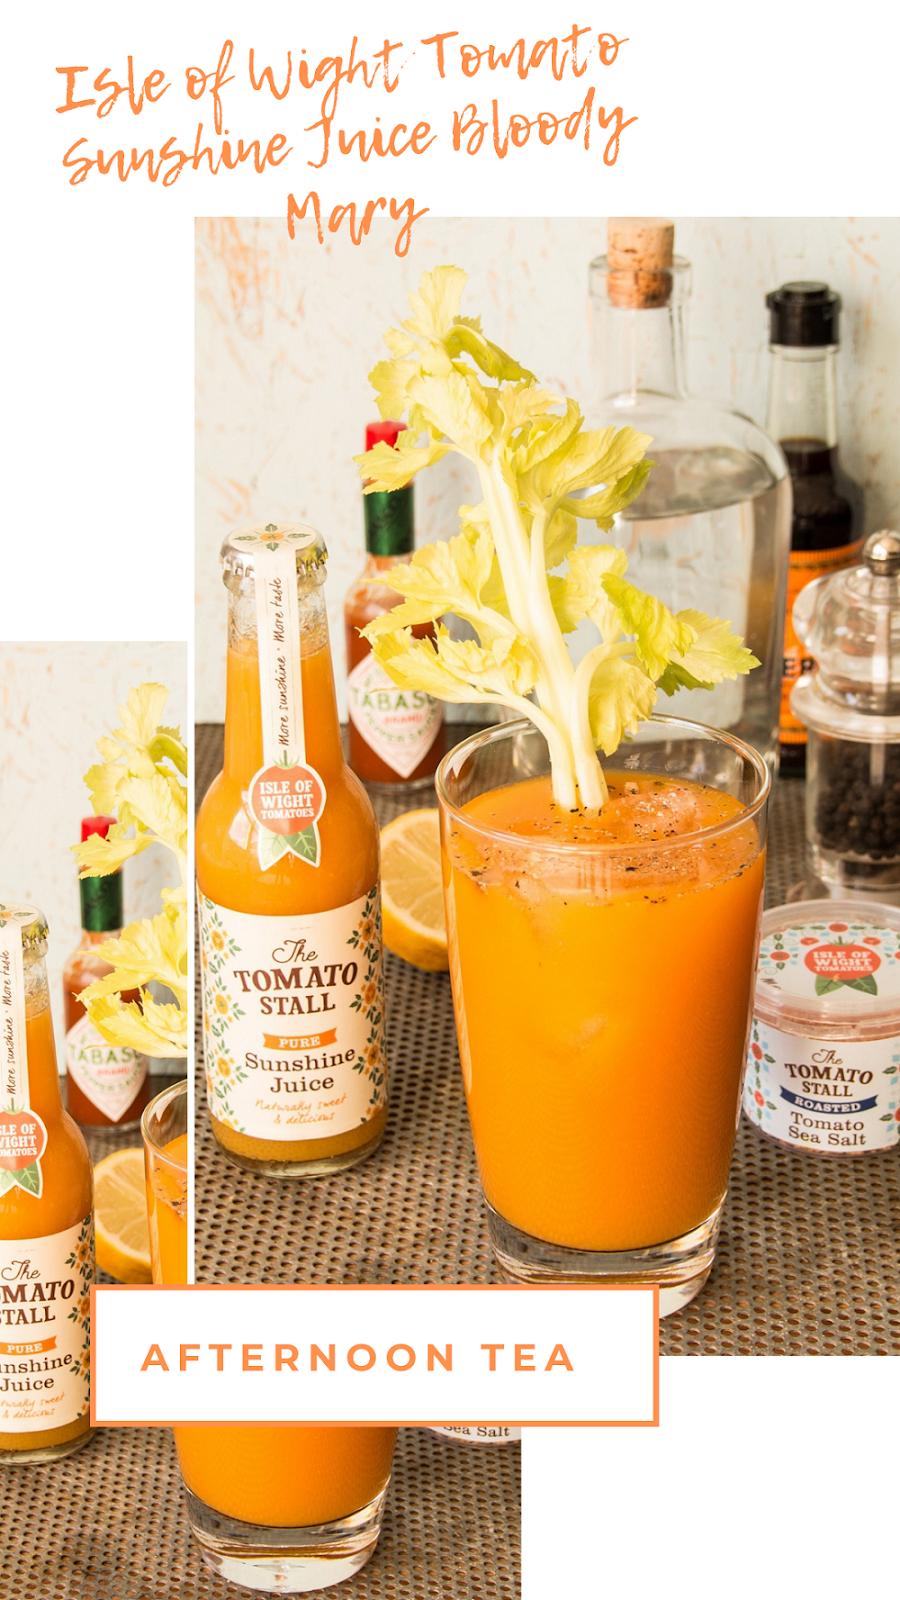 Isle of Wight Tomato Sunshine Juice Bloody Mary